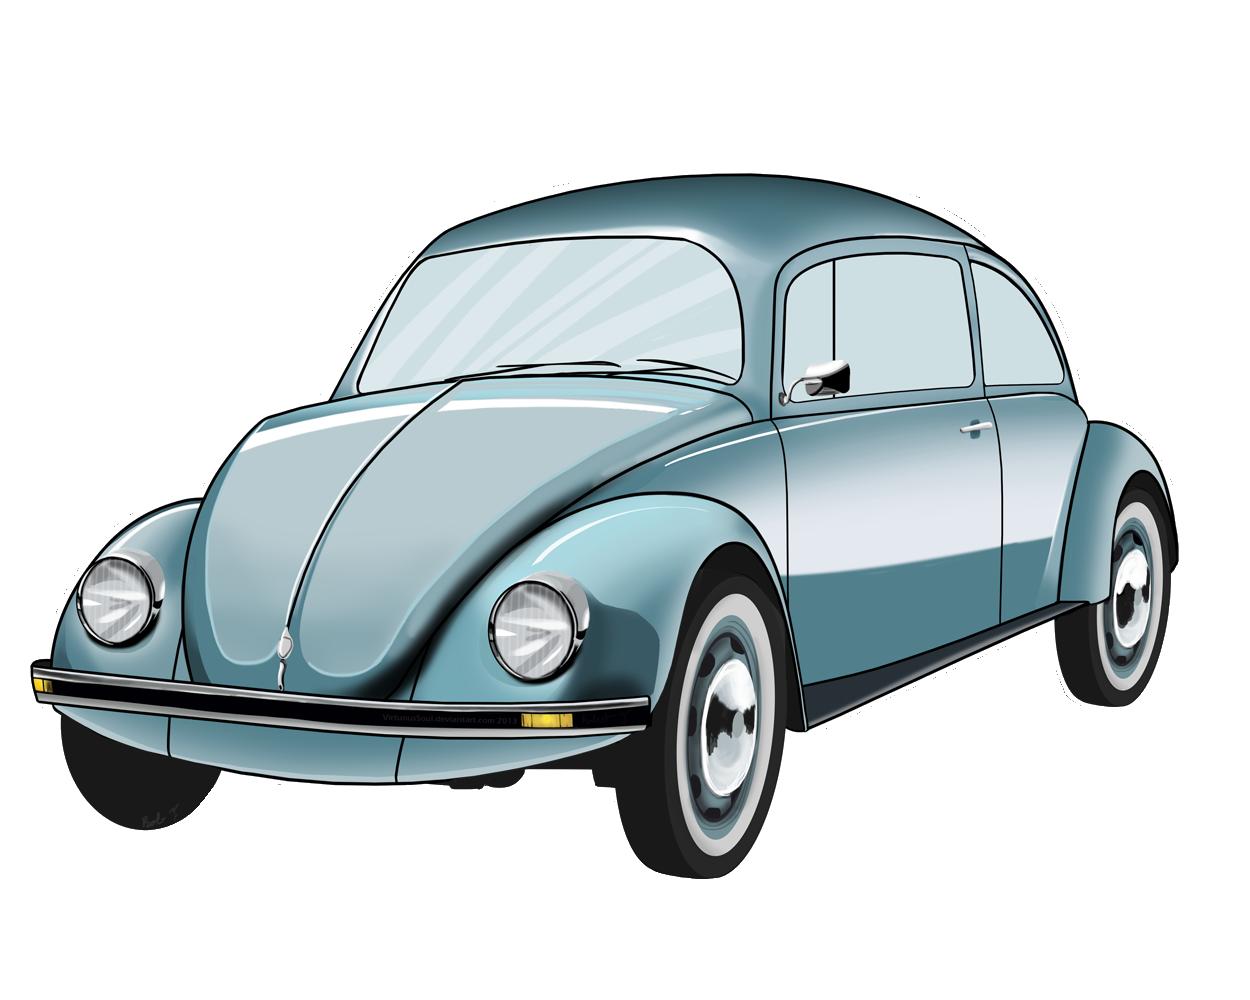 1250x1000 Classic Car Clipart Cute